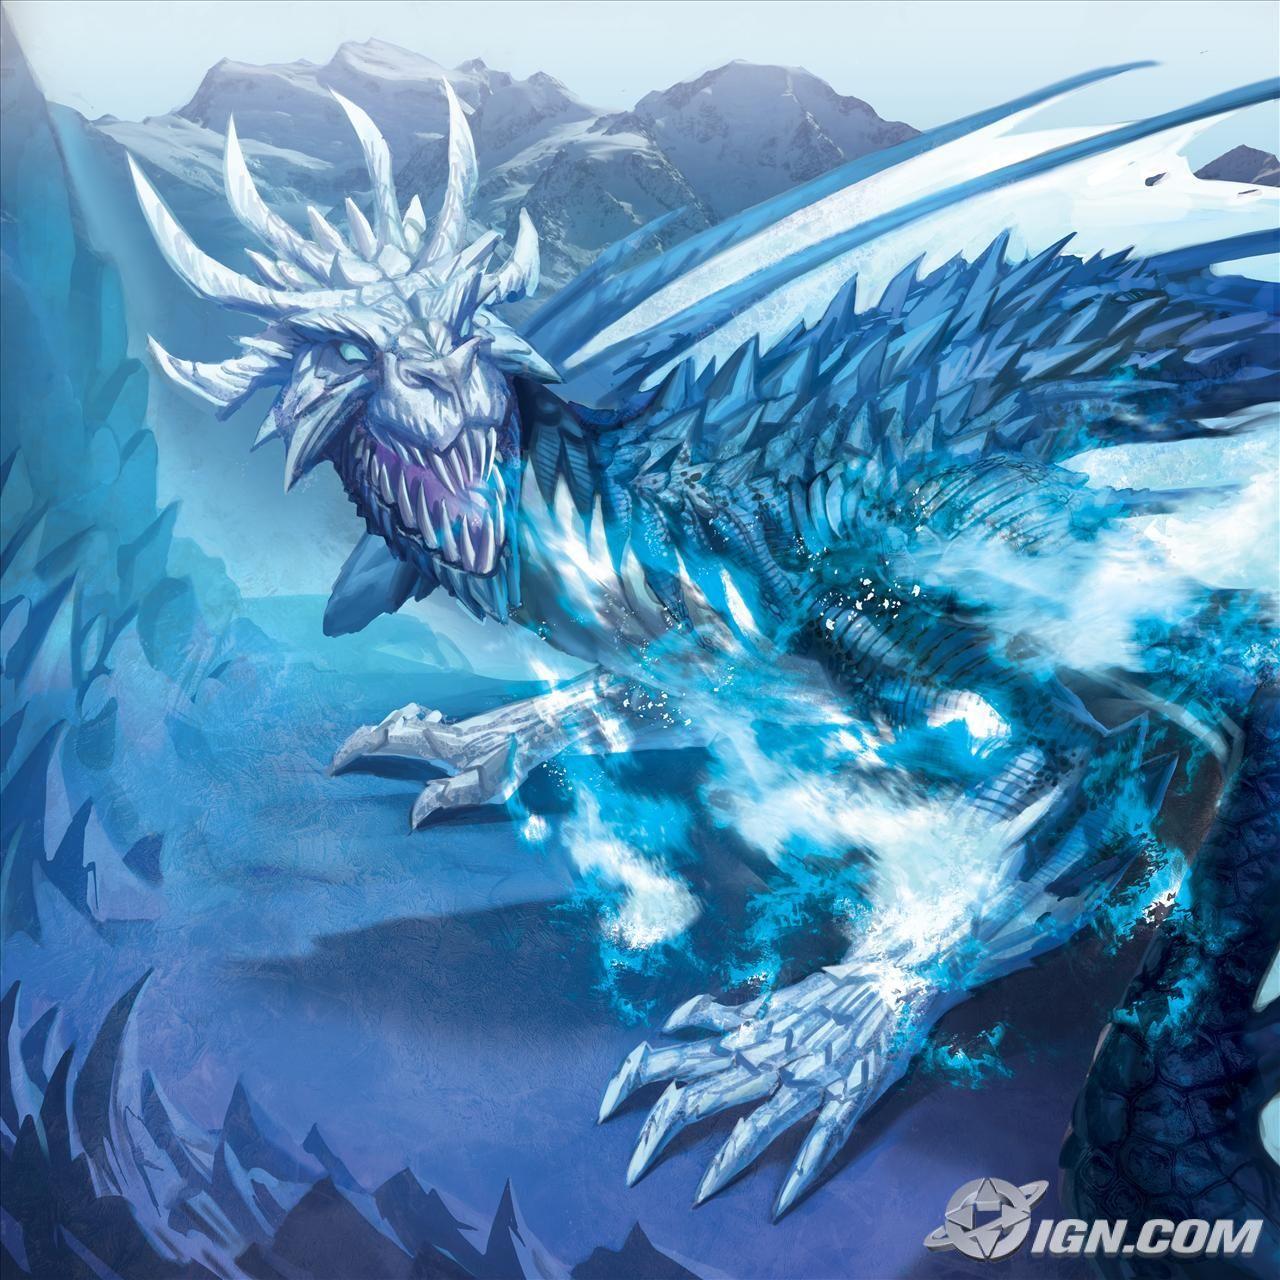 Handy-Wallpaper Spiele, Dragons kostenlos herunterladen.